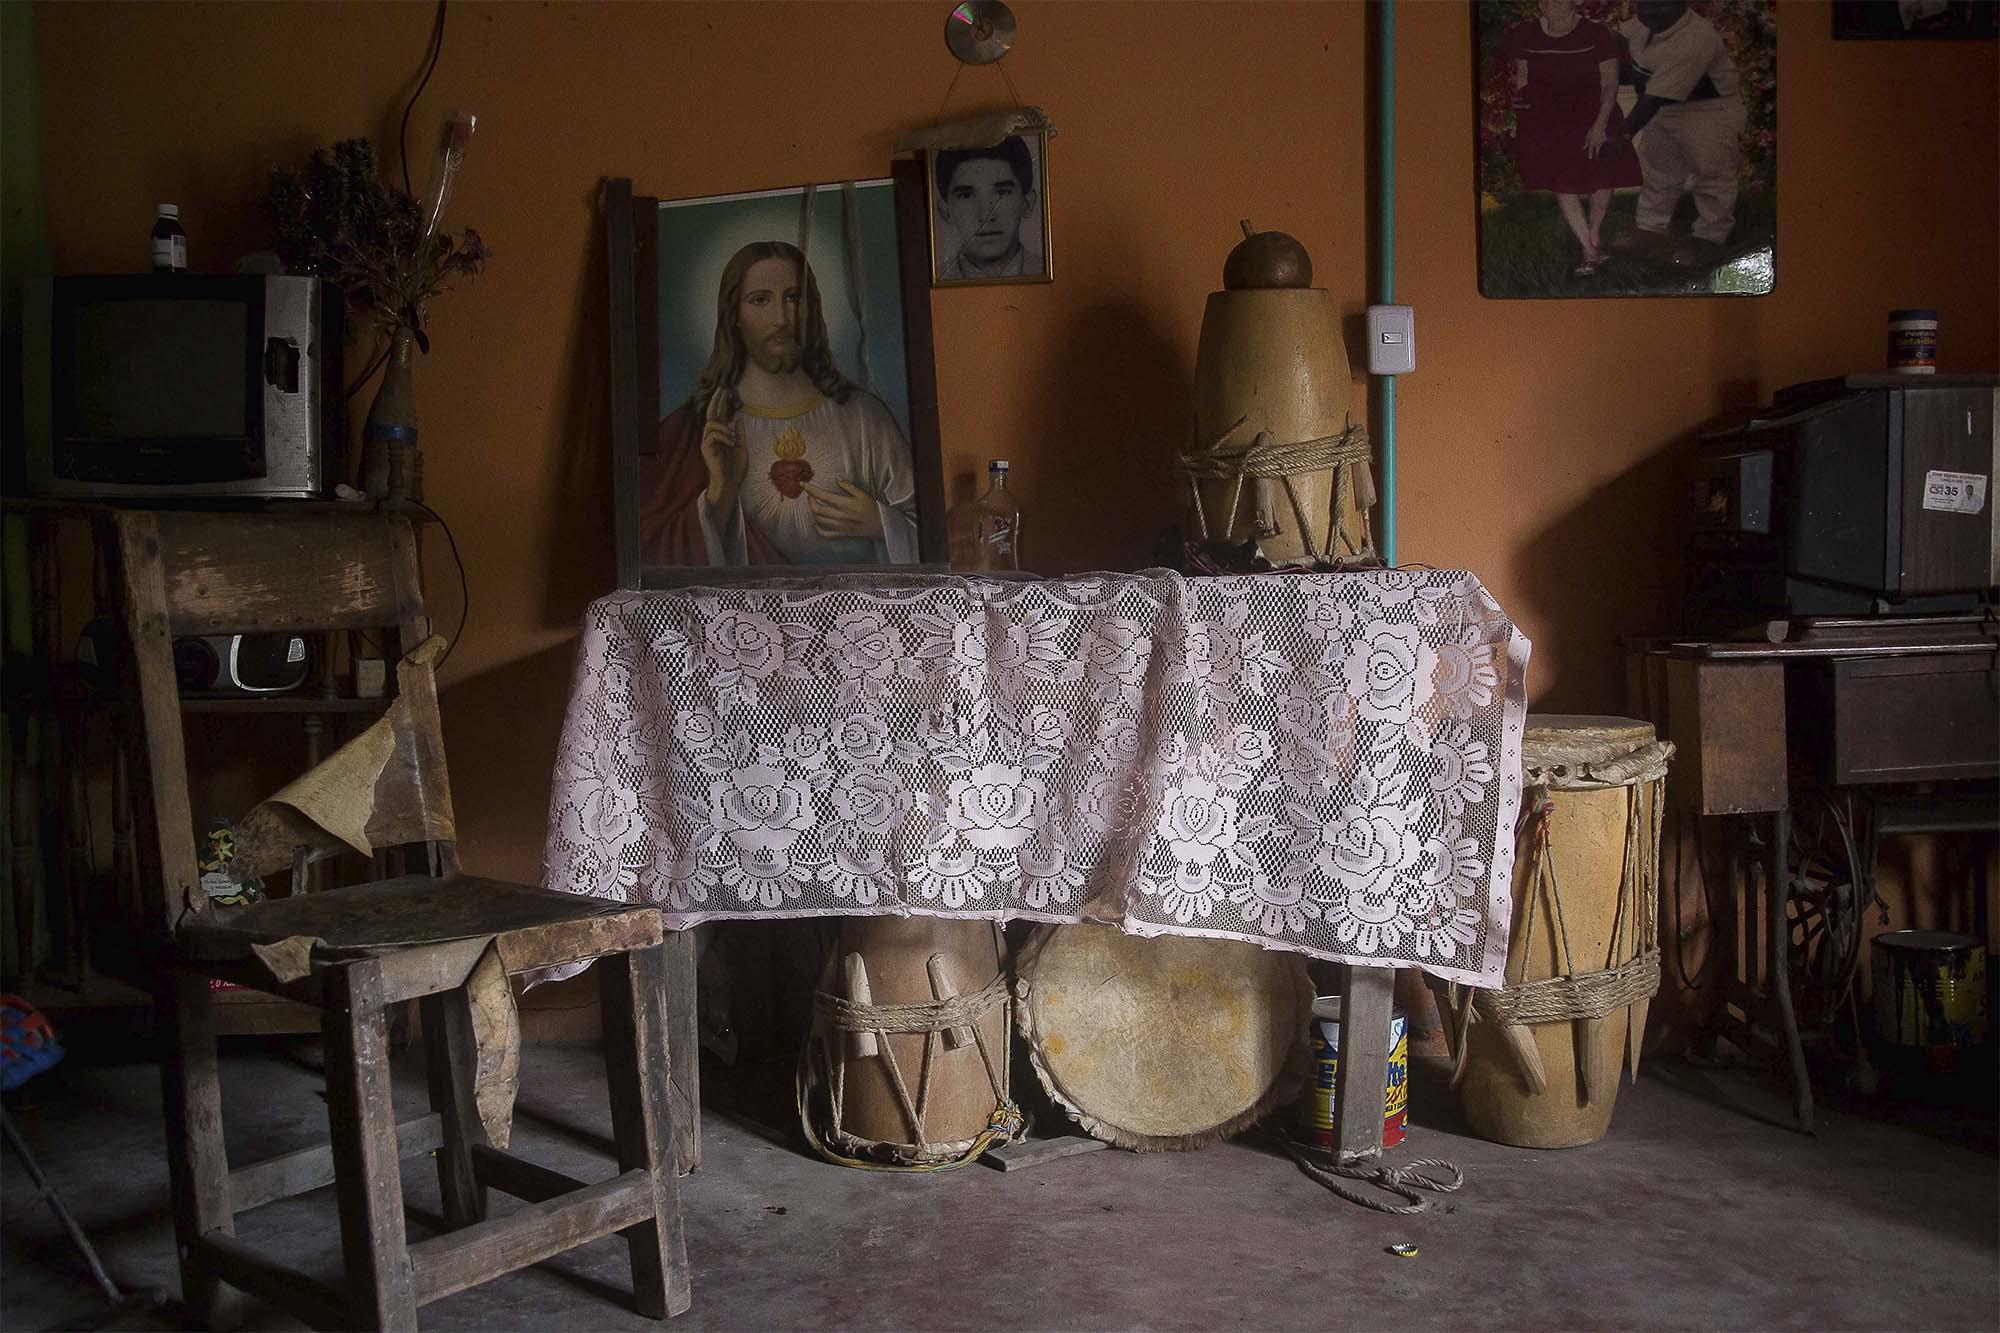 La tambora, un viaje sonoro por el sur de Bolívar